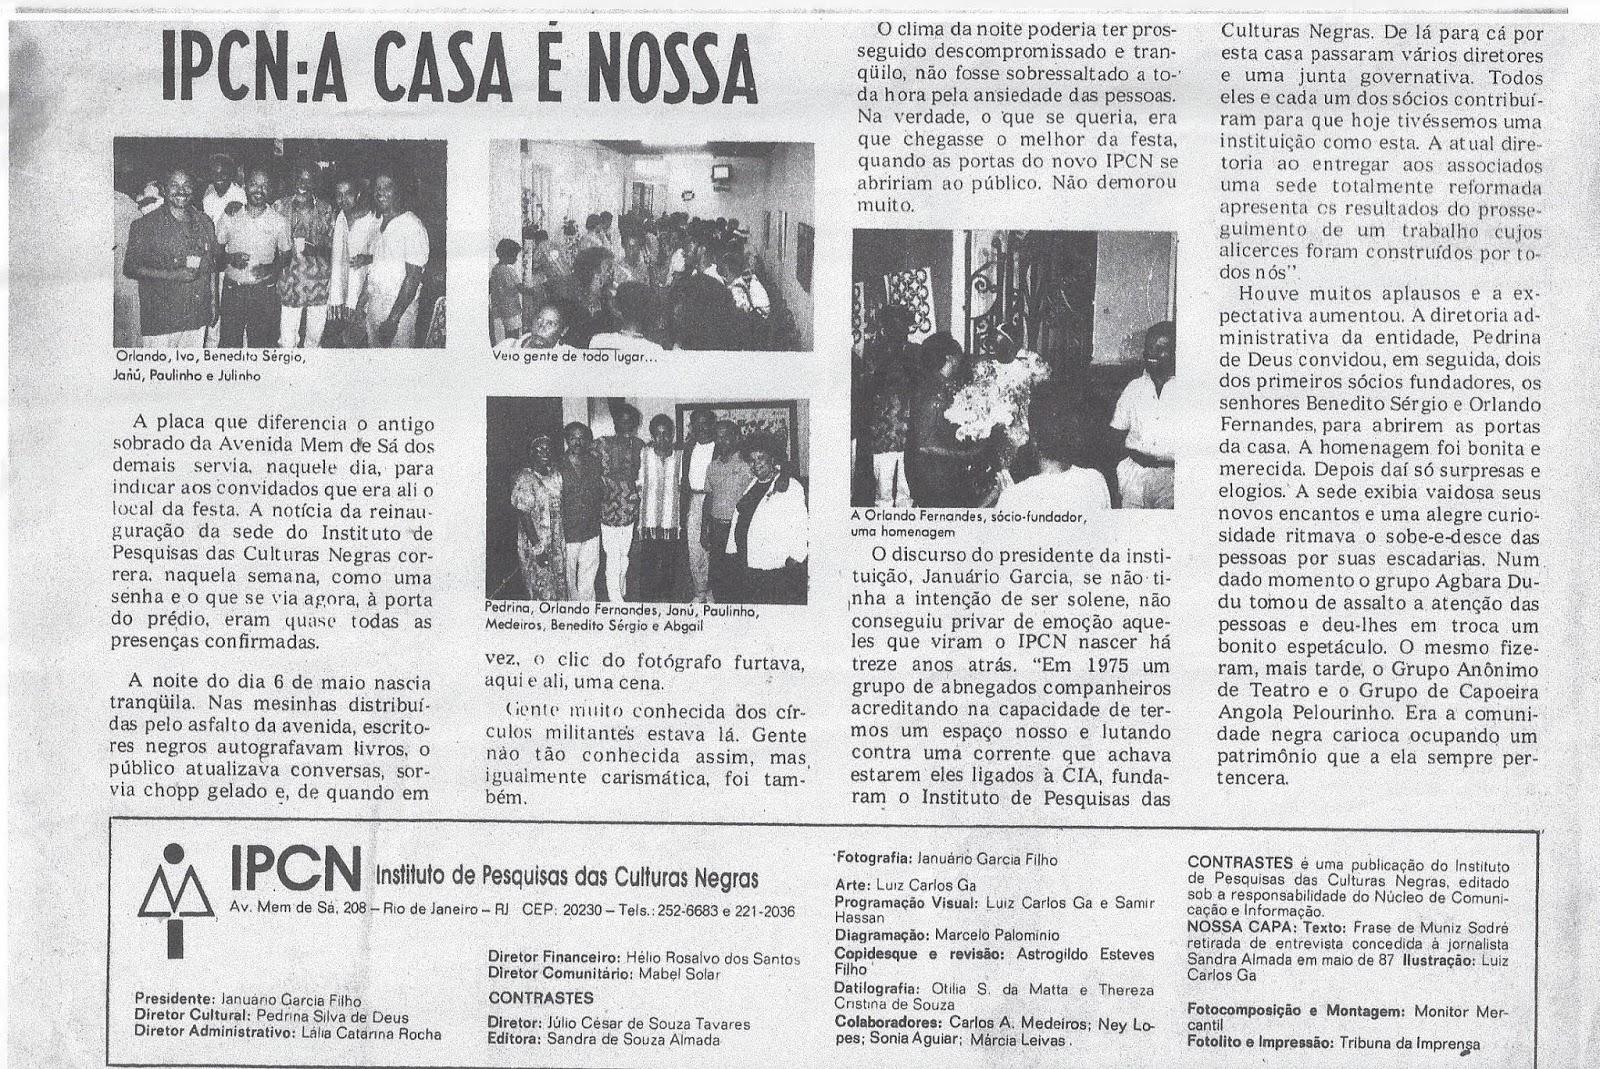 ipcn desde 1975